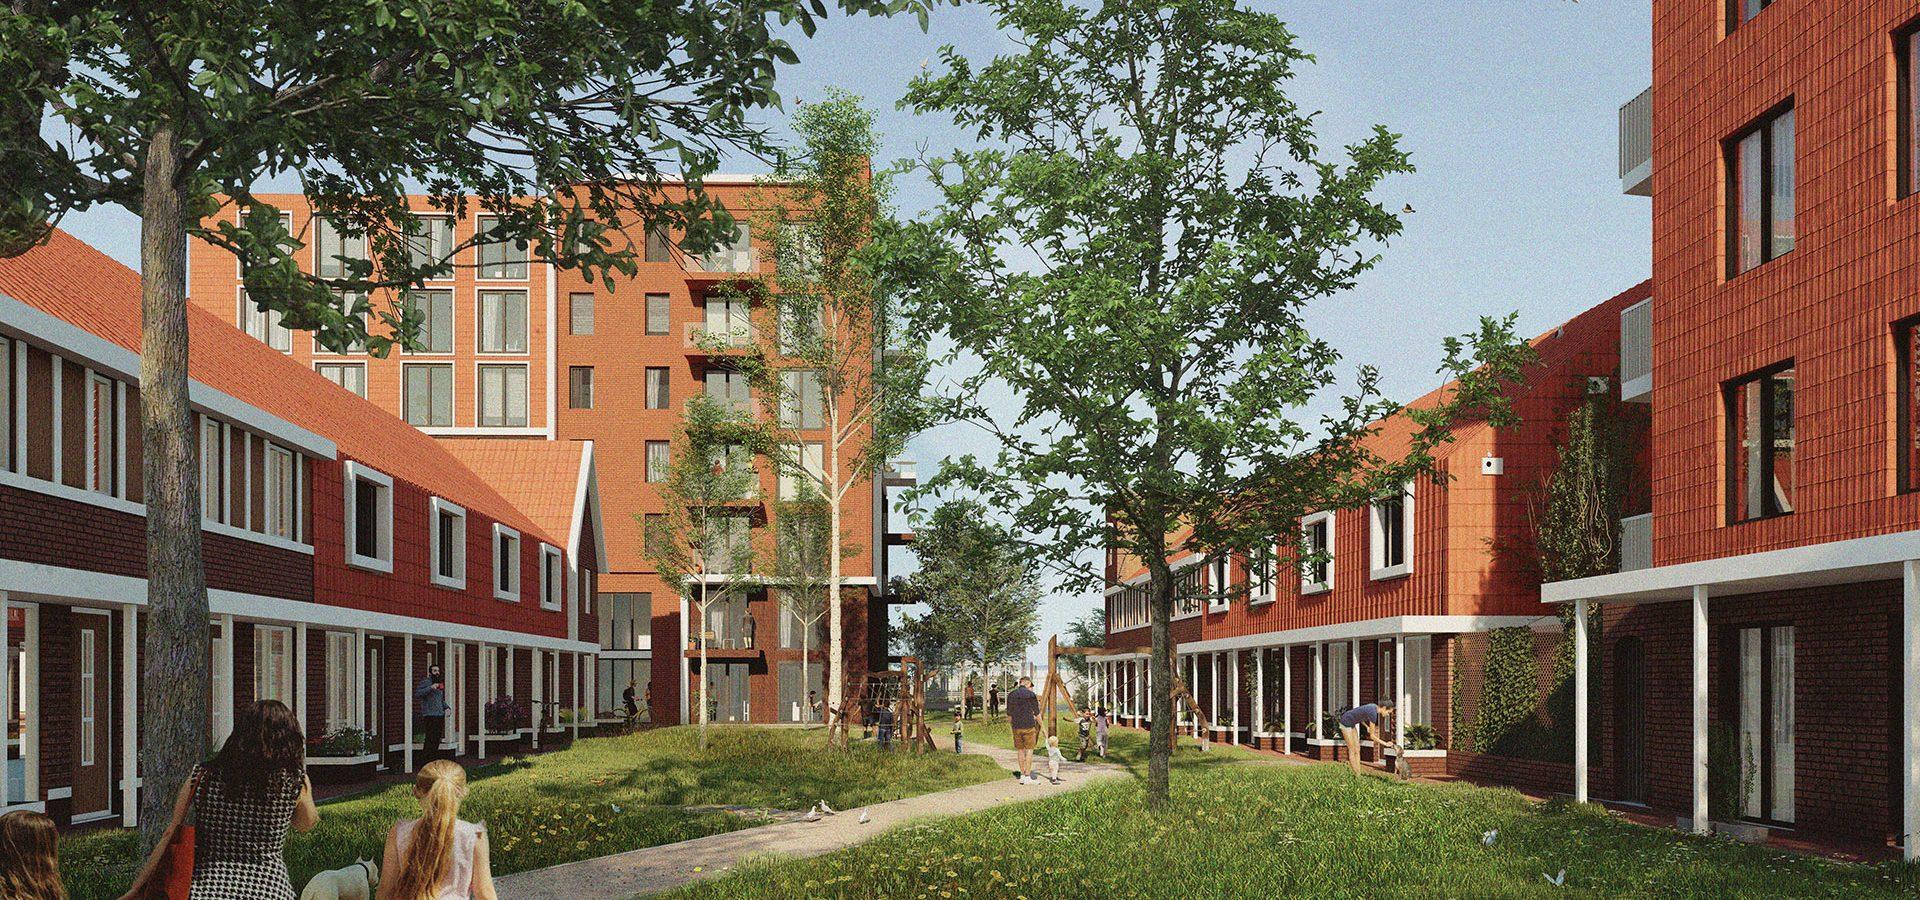 FARO architecten Tuindorp Weerestein 08